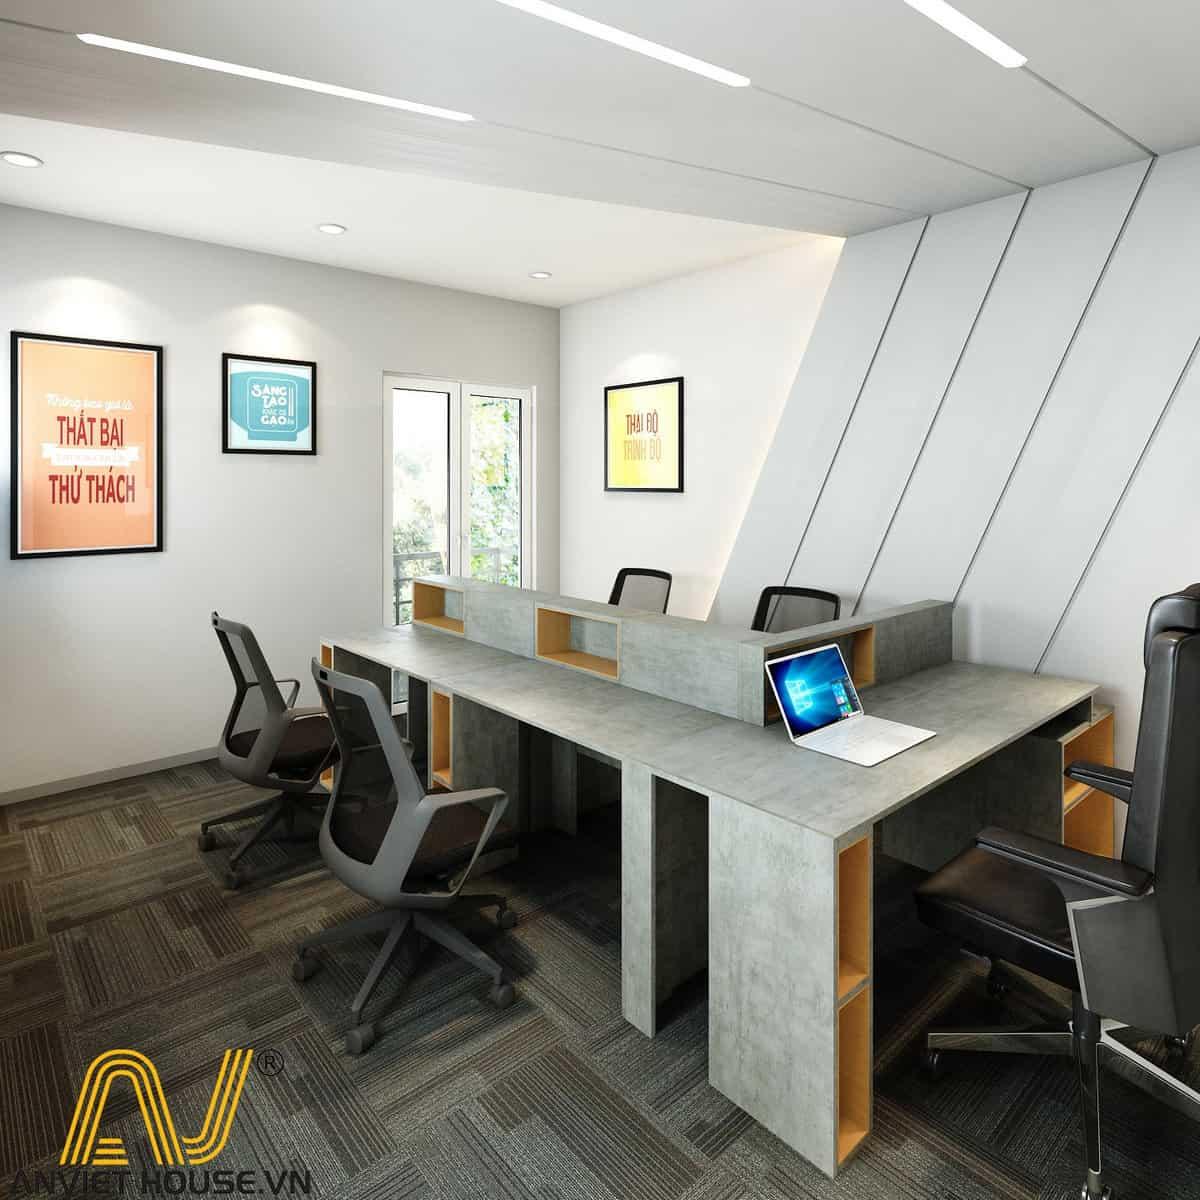 thiết kế văn phòng golden - tầng 3 - phòng lãnh đạo 1